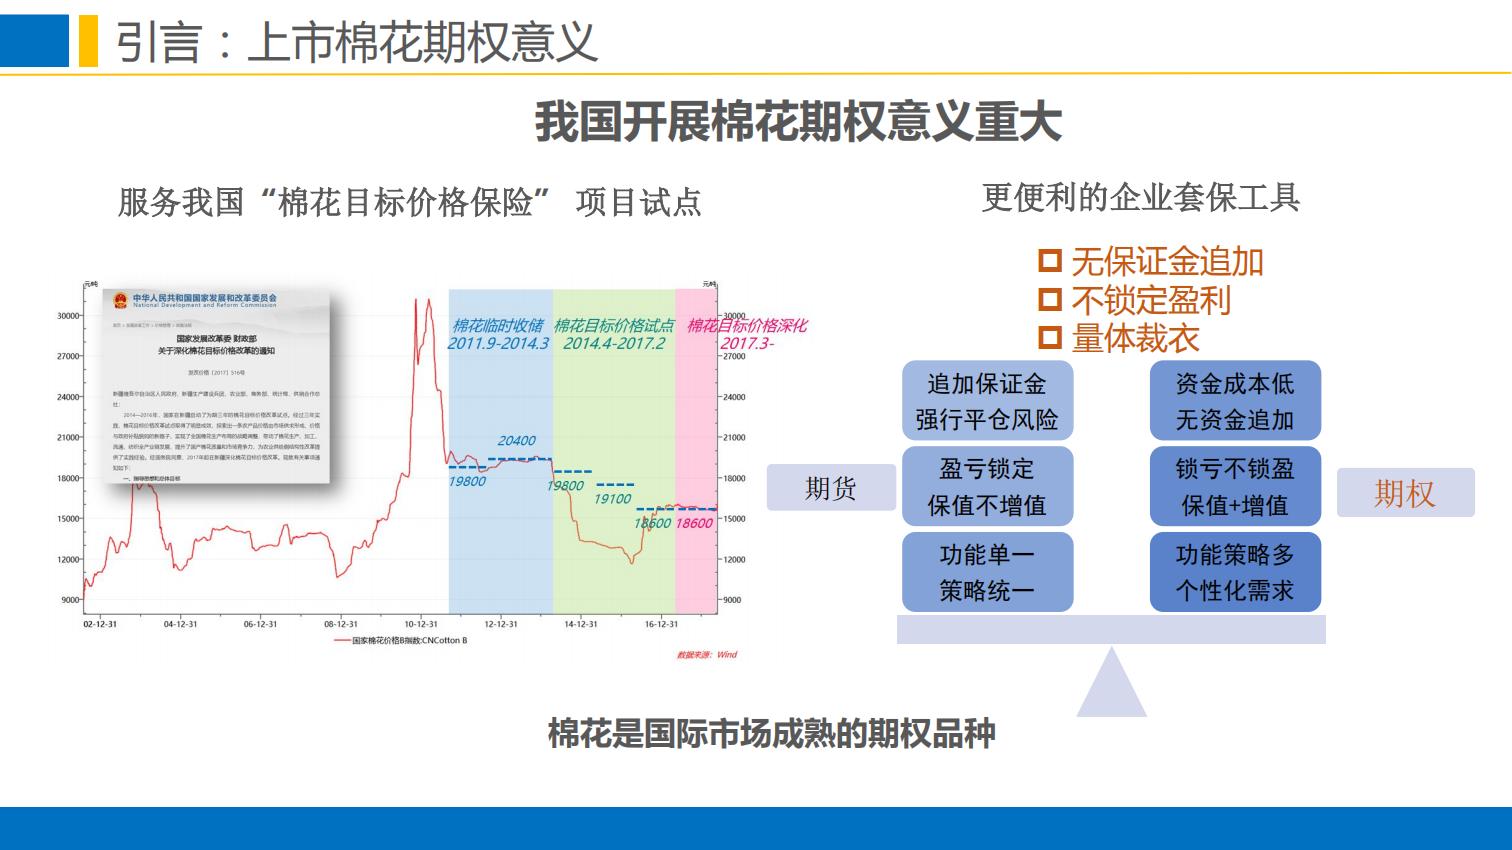 晨会:郑商所培训分享-棉花期权合约规则与上市工作安排0111.pdfx_02.png